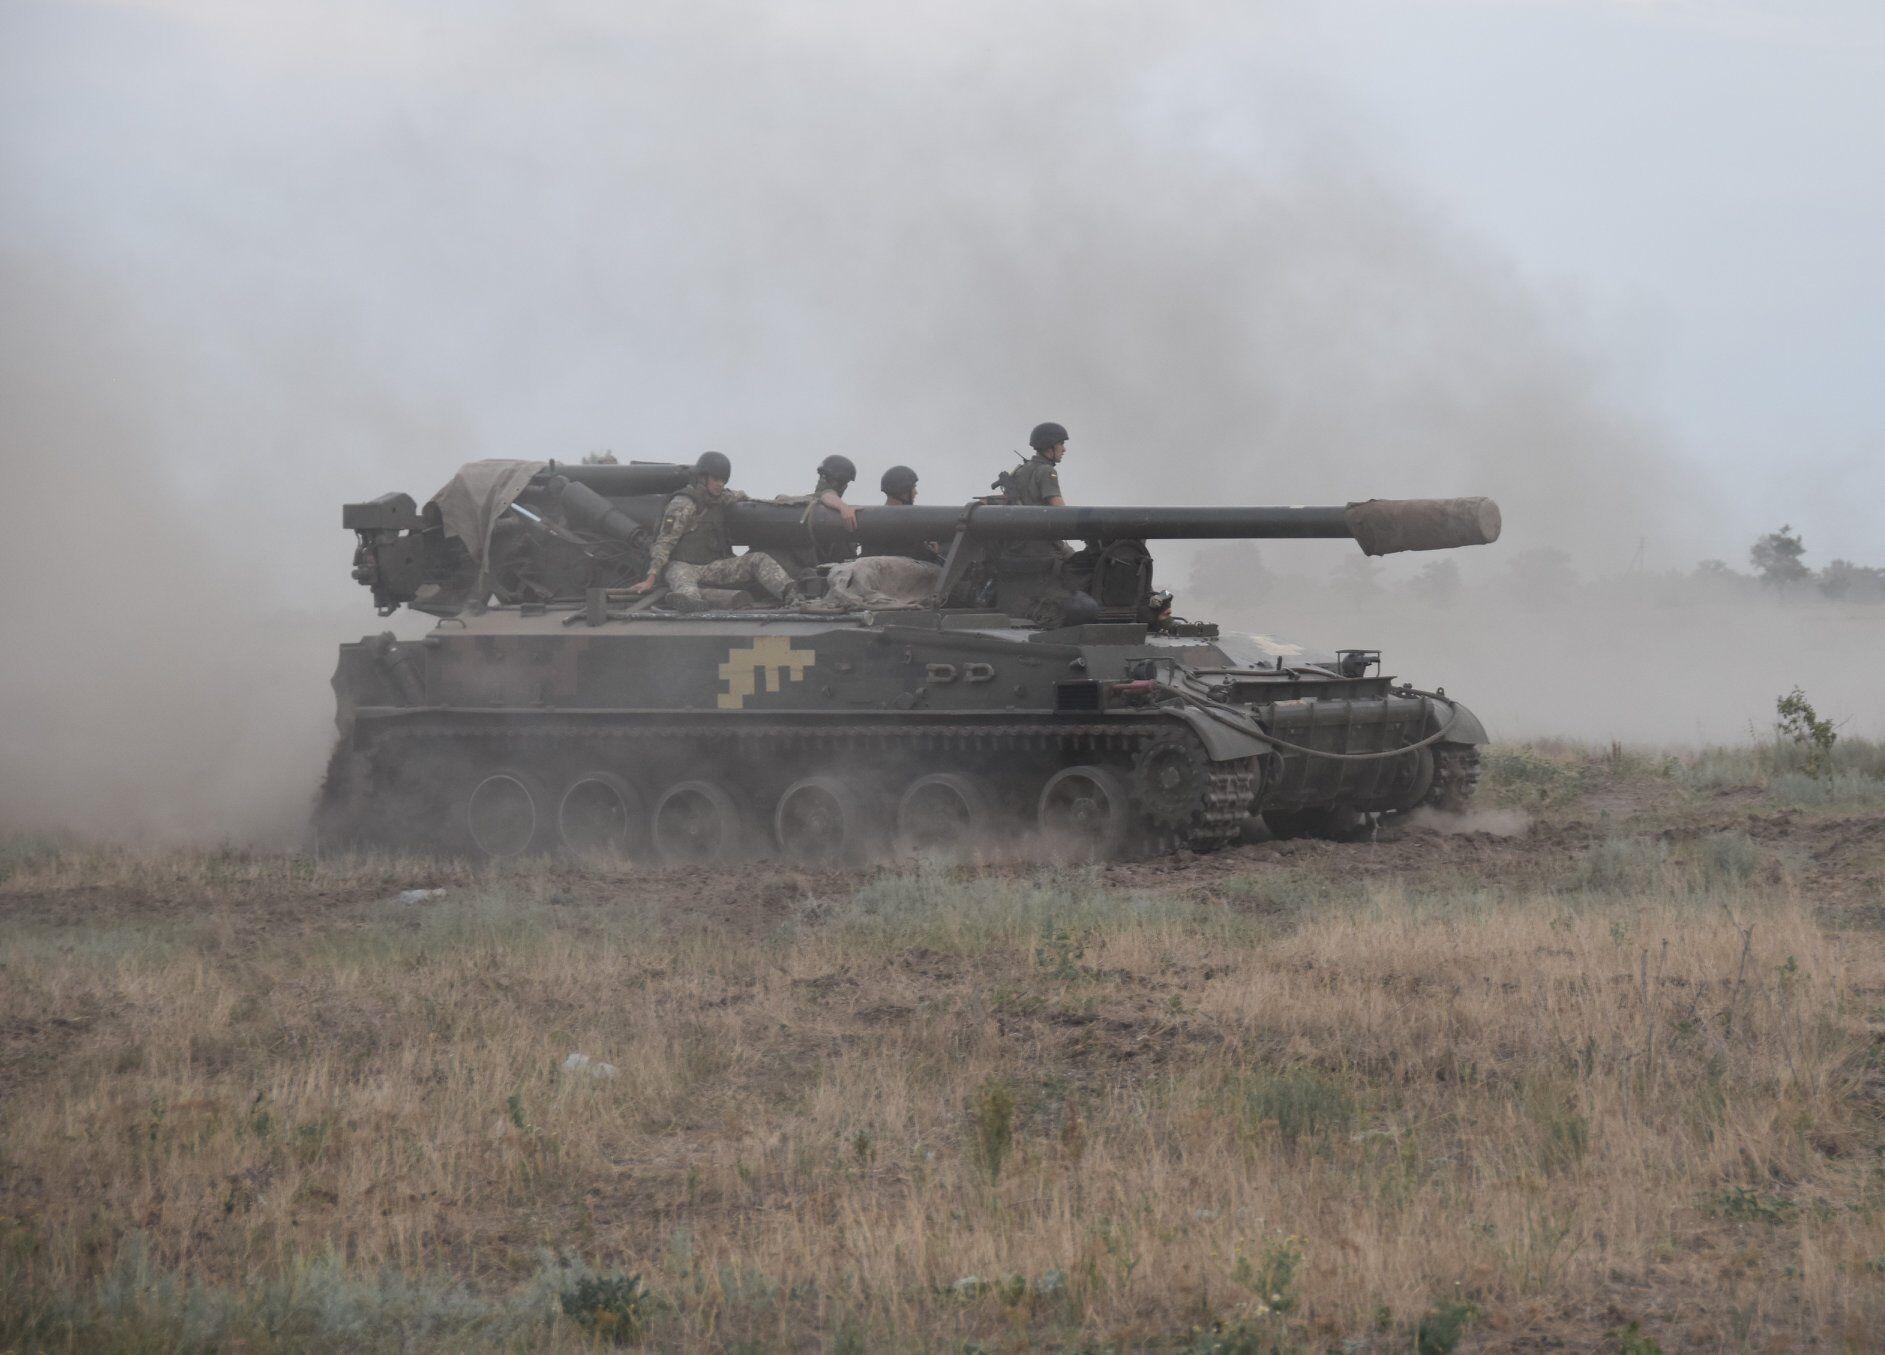 Навчання гаубичної артилерії відбулися на одному з полігонів поблизу з окупованим Кримом.